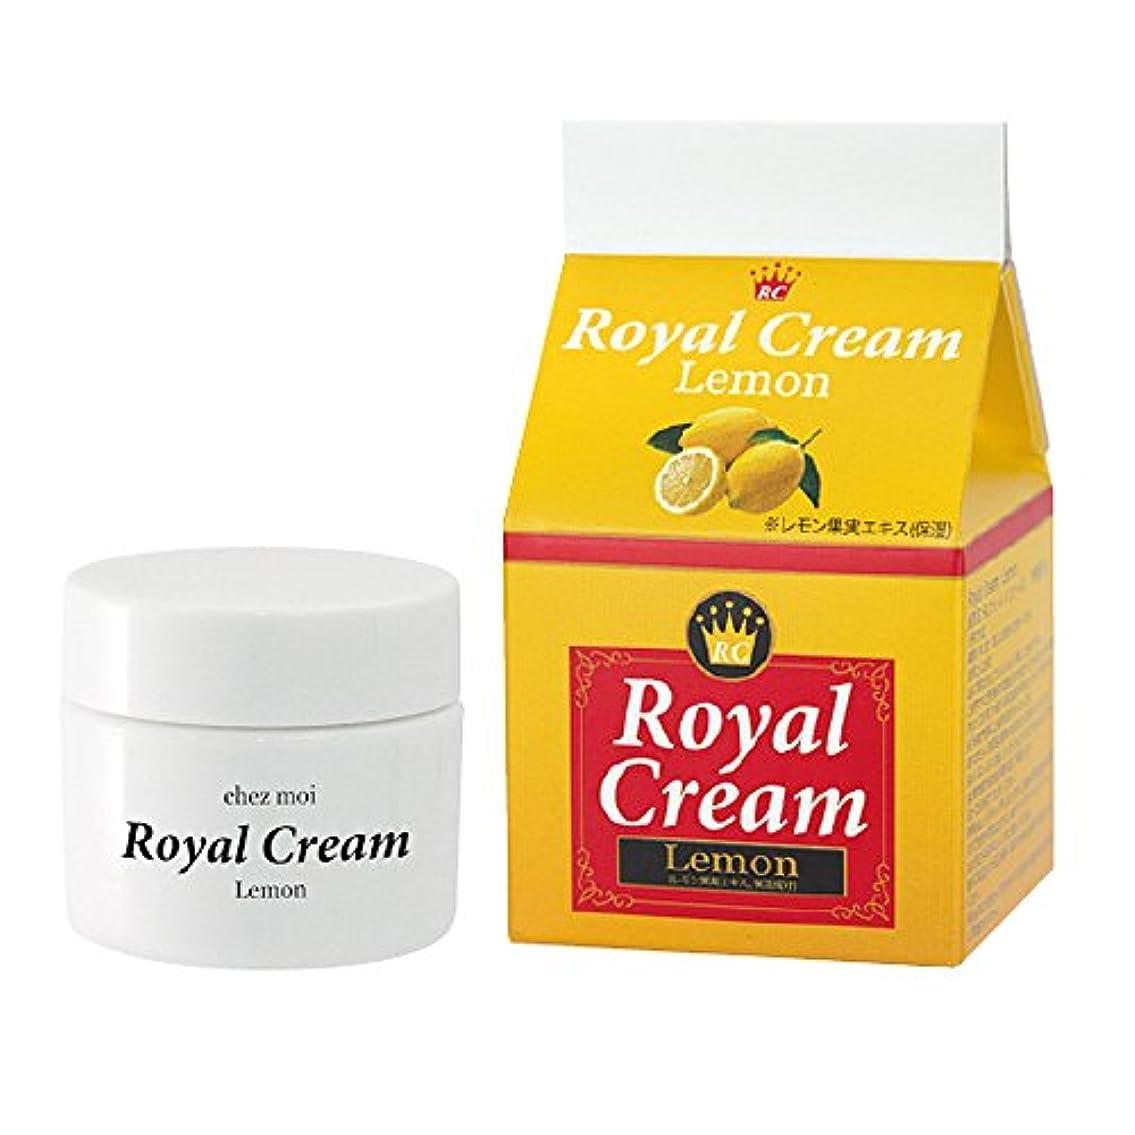 コンチネンタル寛容な祭りシェモア Royal Cream Lemon(ロイヤルクリームレモン) 30g